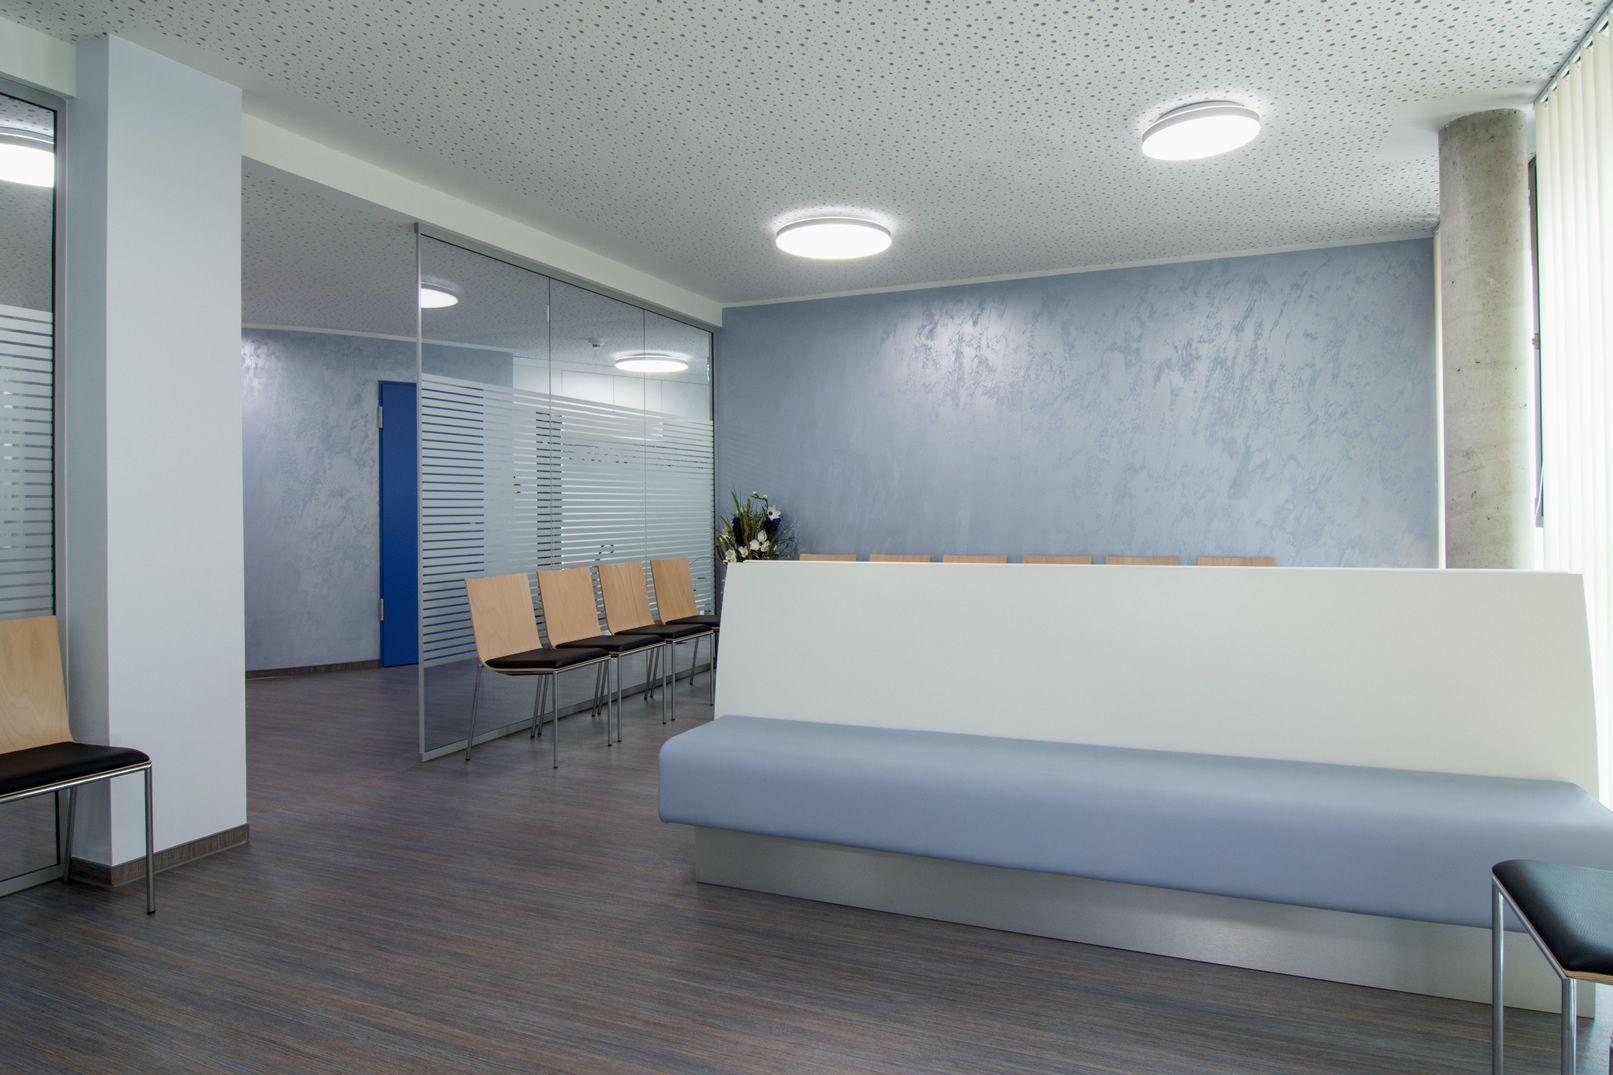 Innenarchitekten Bremen augenarztpraxis bremen thöne innenarchitektur farbgestaltung